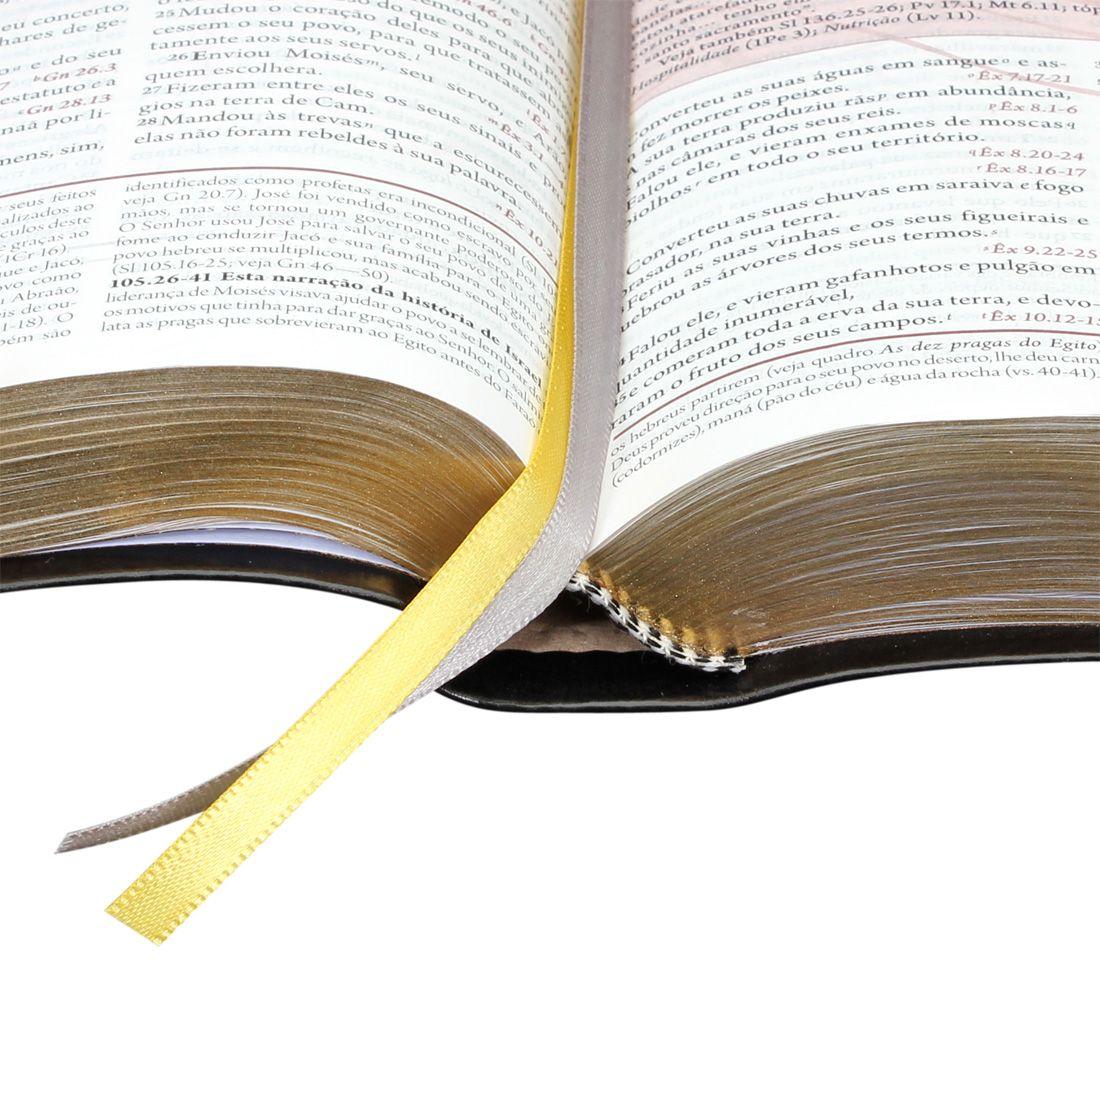 A Bíblia da Mulher - Capa Preta Luxo com Pedras - Almeida Revista e Corrigida